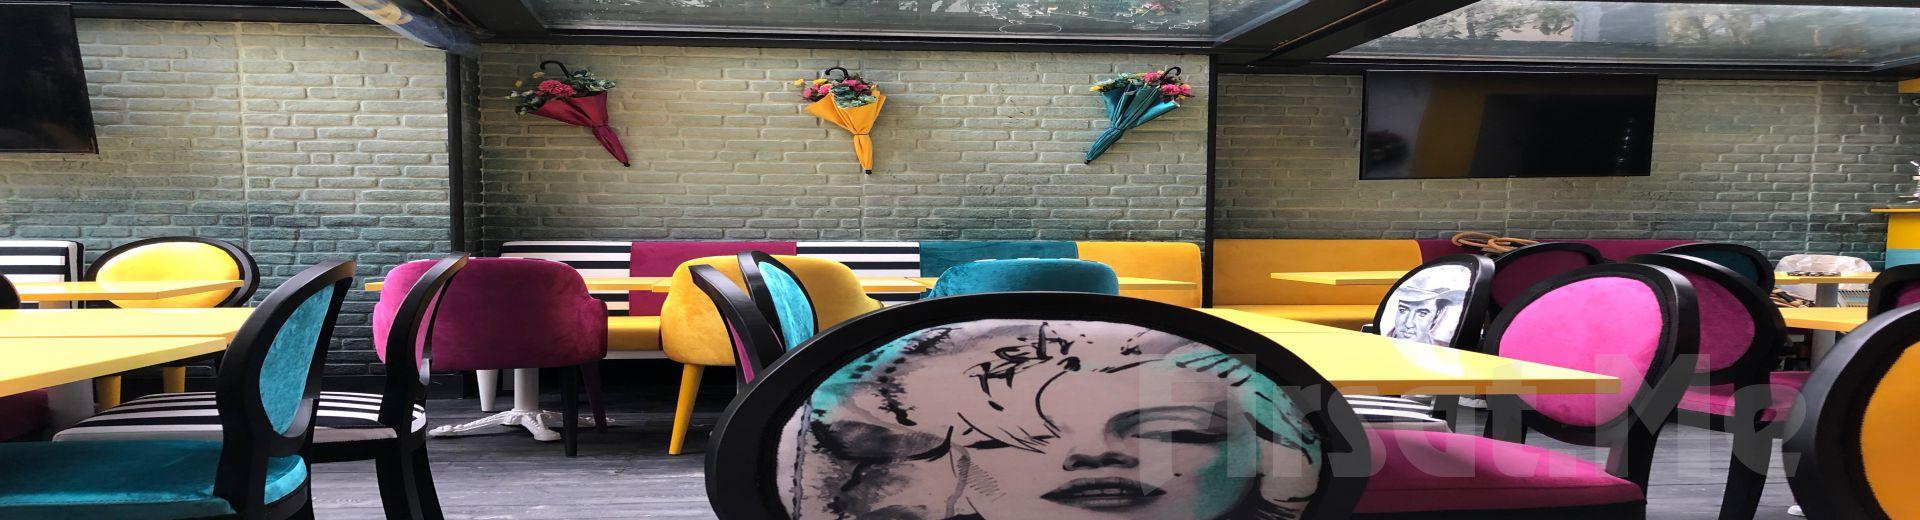 Hollywood City Lounge Üsküdar'da Dj & Canlı Müzik Eşliğinde Limitsiz Yılbaşı Eğlencesi ve Nefis Yemek Menüsü